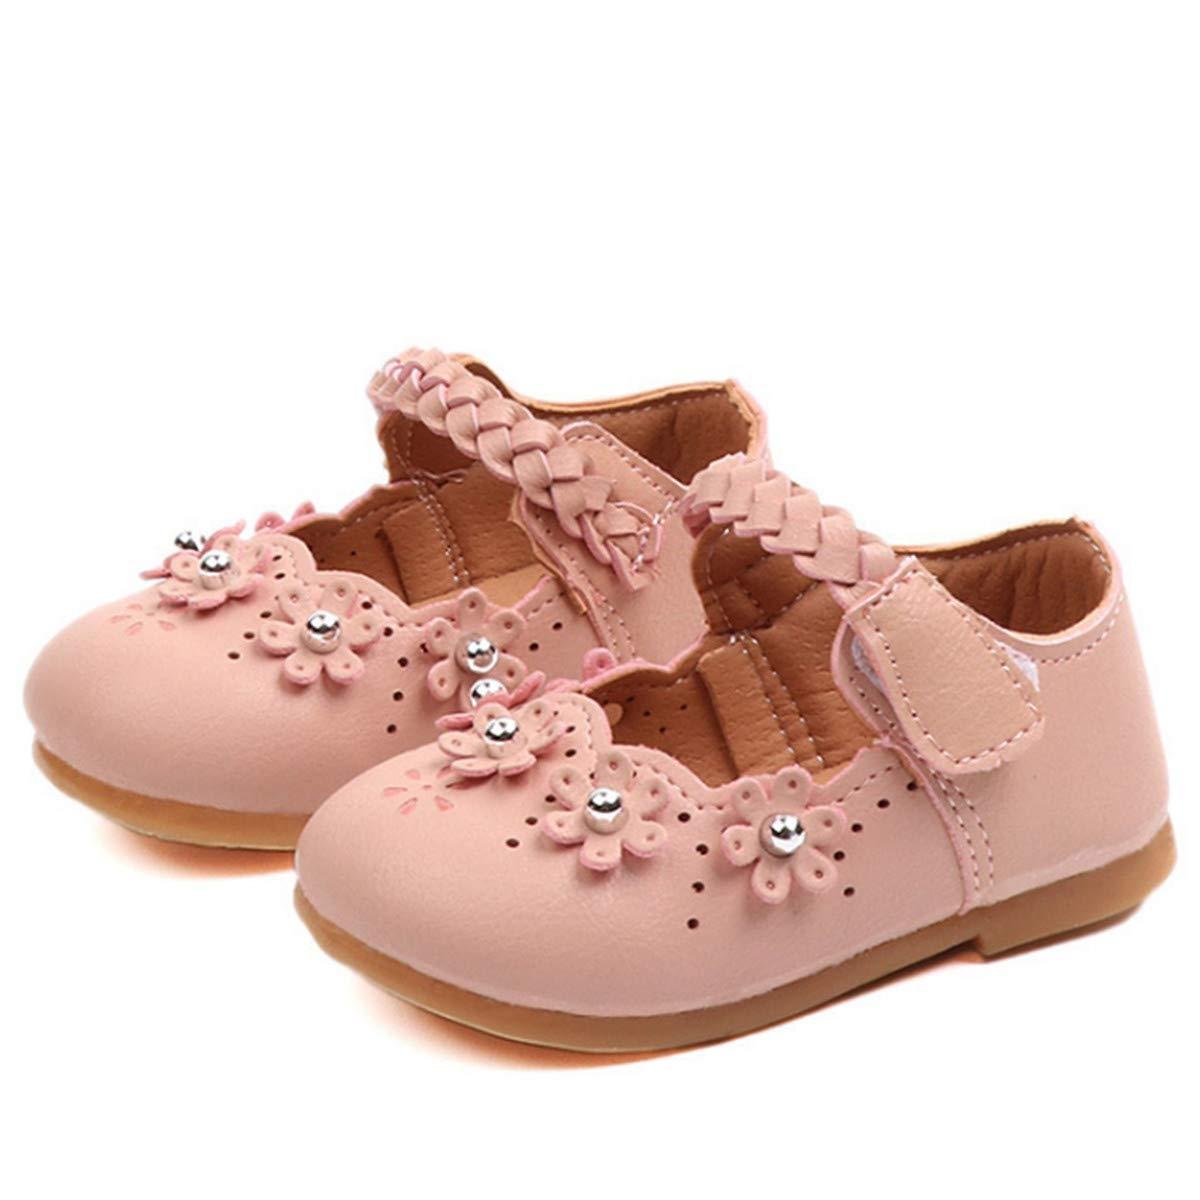 Full Win Toddler Girls Flower Leather Mary Jane Dress Flat